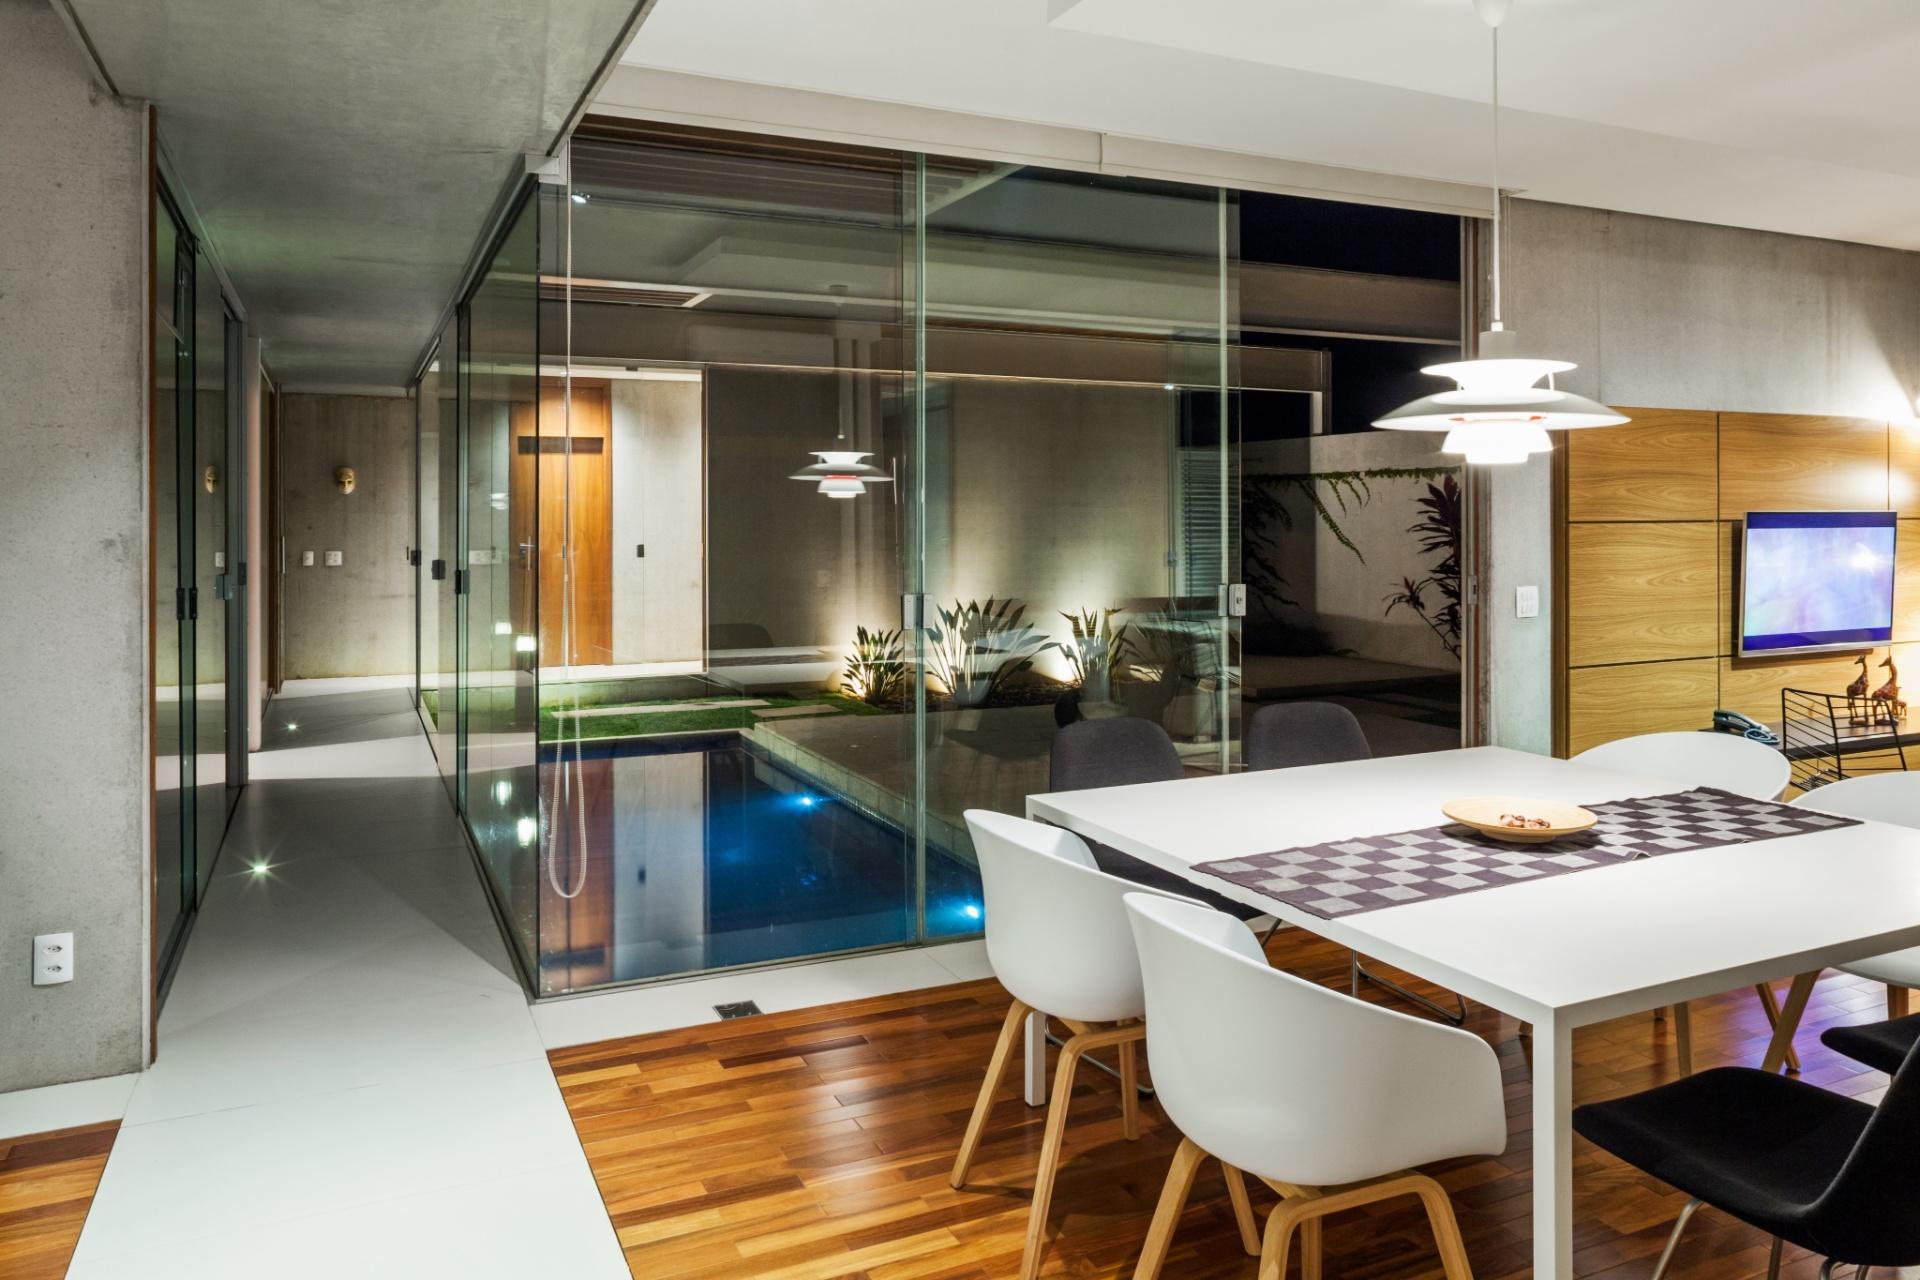 Separados apenas pelos panos de vidro, interior e exterior se fundem na Casa das Pérgolas, projetada pelo escritório FGMF Arquitetos. À direita, está o living, no